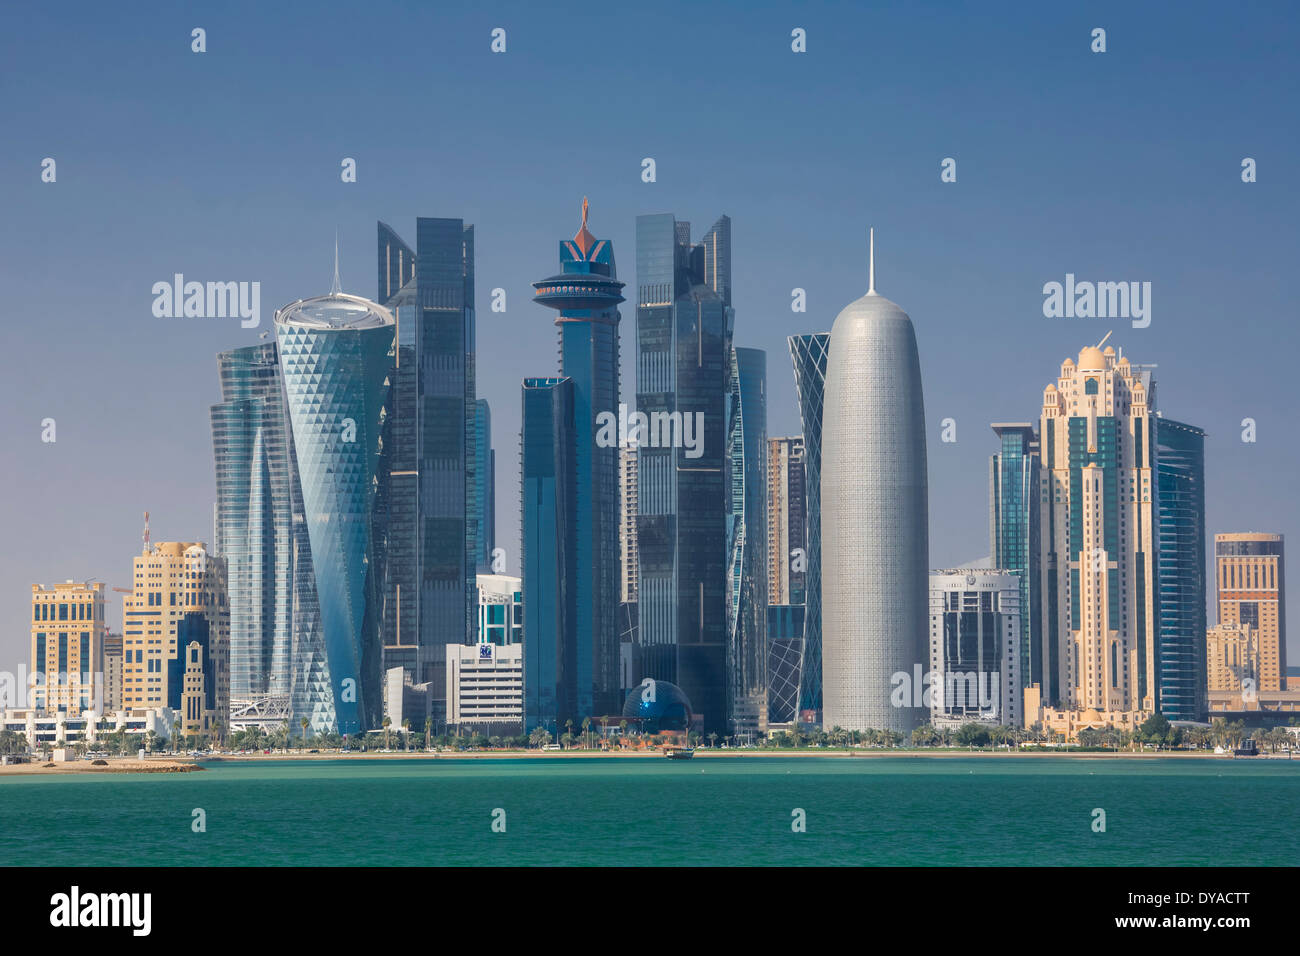 Doha, Qatar, du Moyen-Orient, de l'architecture, Bay, ville, colorée, corniche, futuriste, Skyline, touristique, Photo Stock